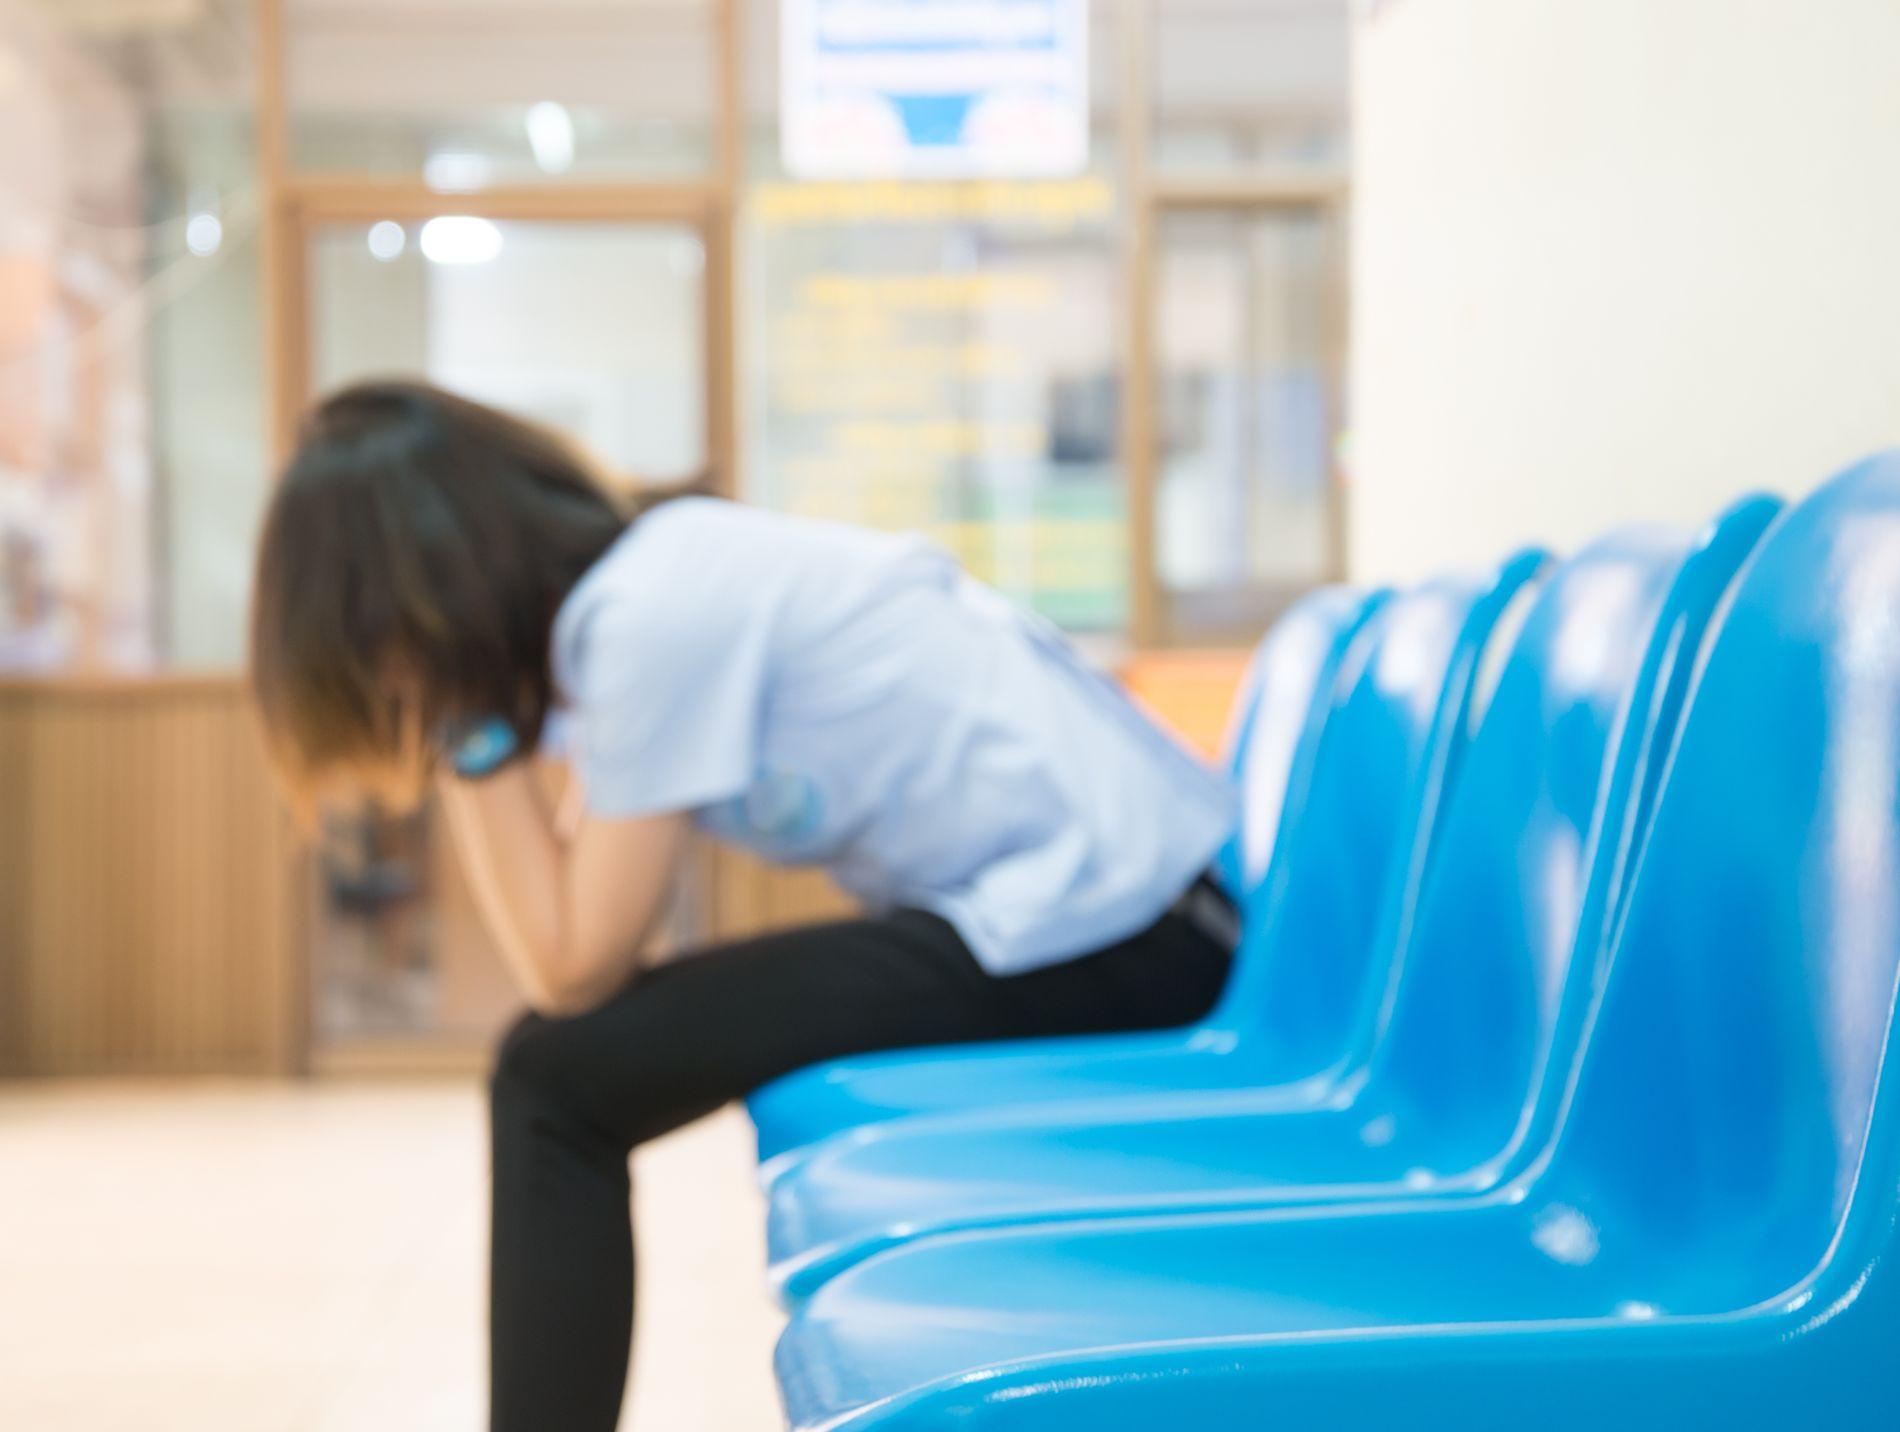 DRØMMEN OM EN DIVAN: Mange må bli på venterommet, skriver Anne Rokkan.